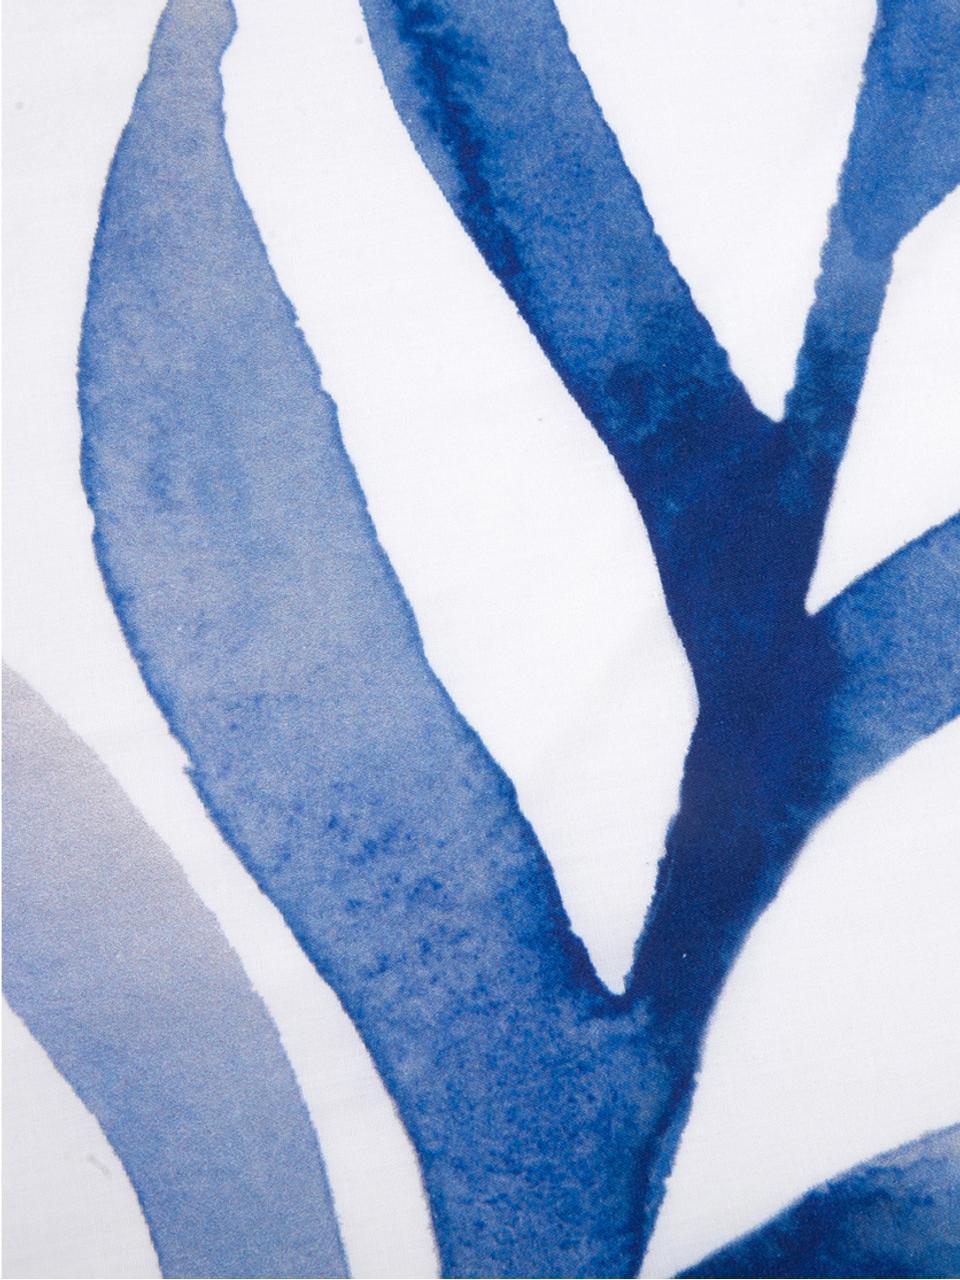 Baumwollperkal-Bettwäsche Francine mit Blattmuster, Webart: Perkal Fadendichte 180 TC, Vorderseite: Blau, WeißRückseite: Weiß, 240 x 220 cm + 2 Kissen 80 x 80 cm